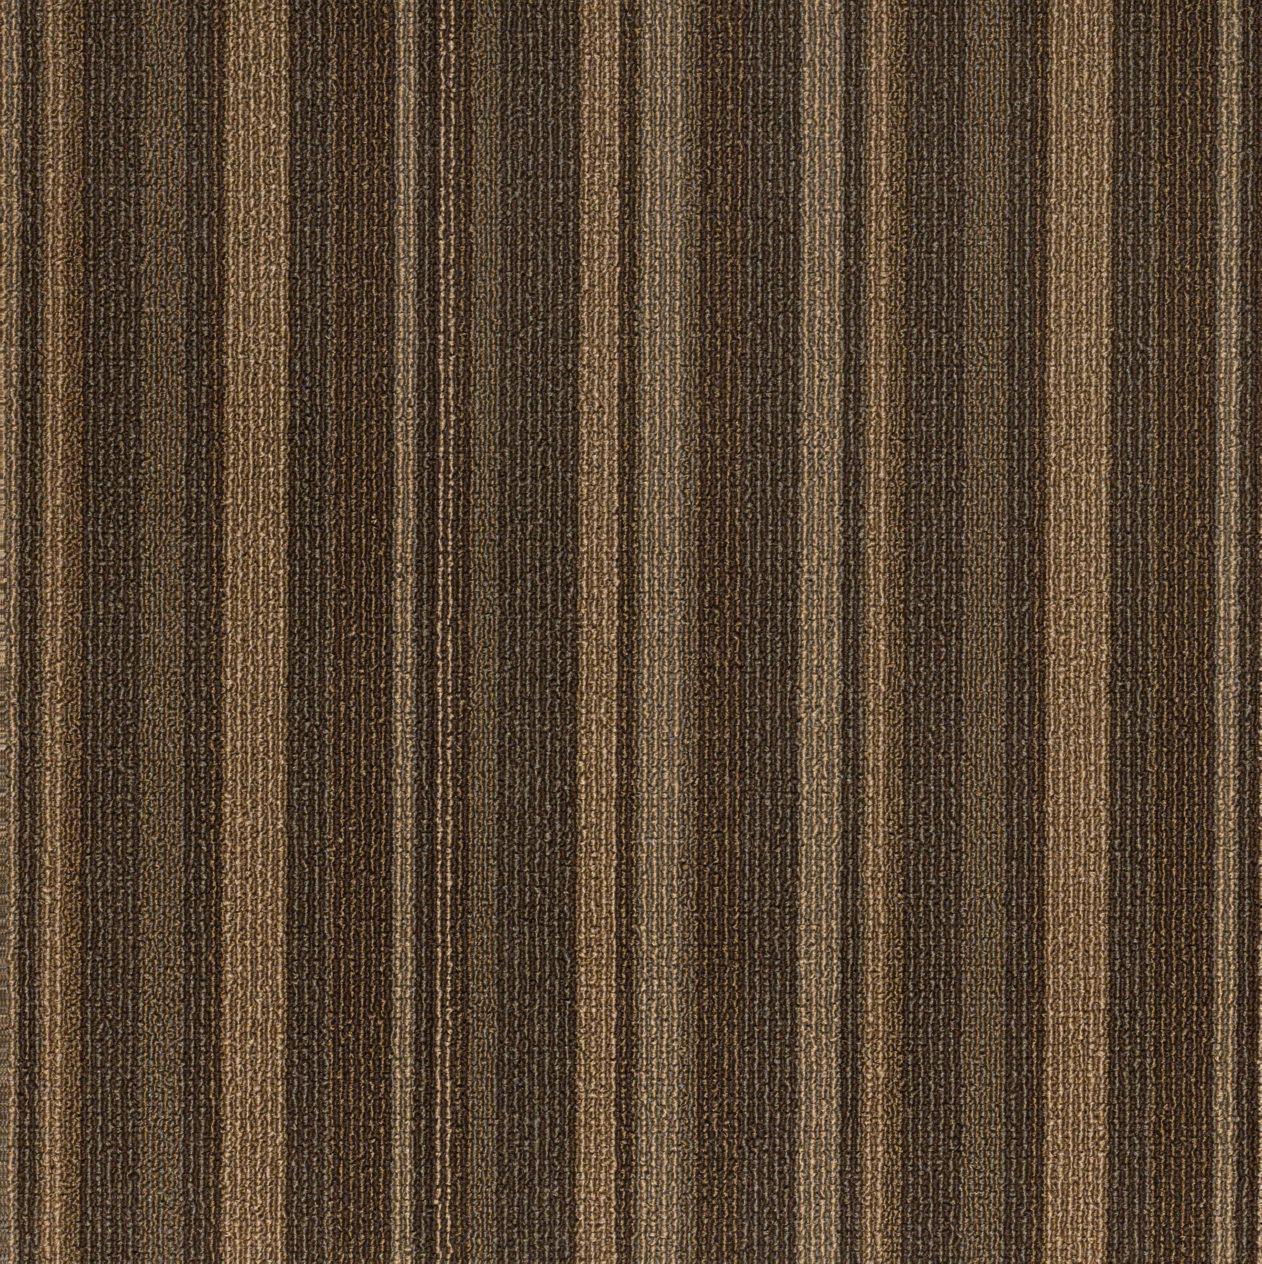 Carpet DownloadTile 1D64-877 Online